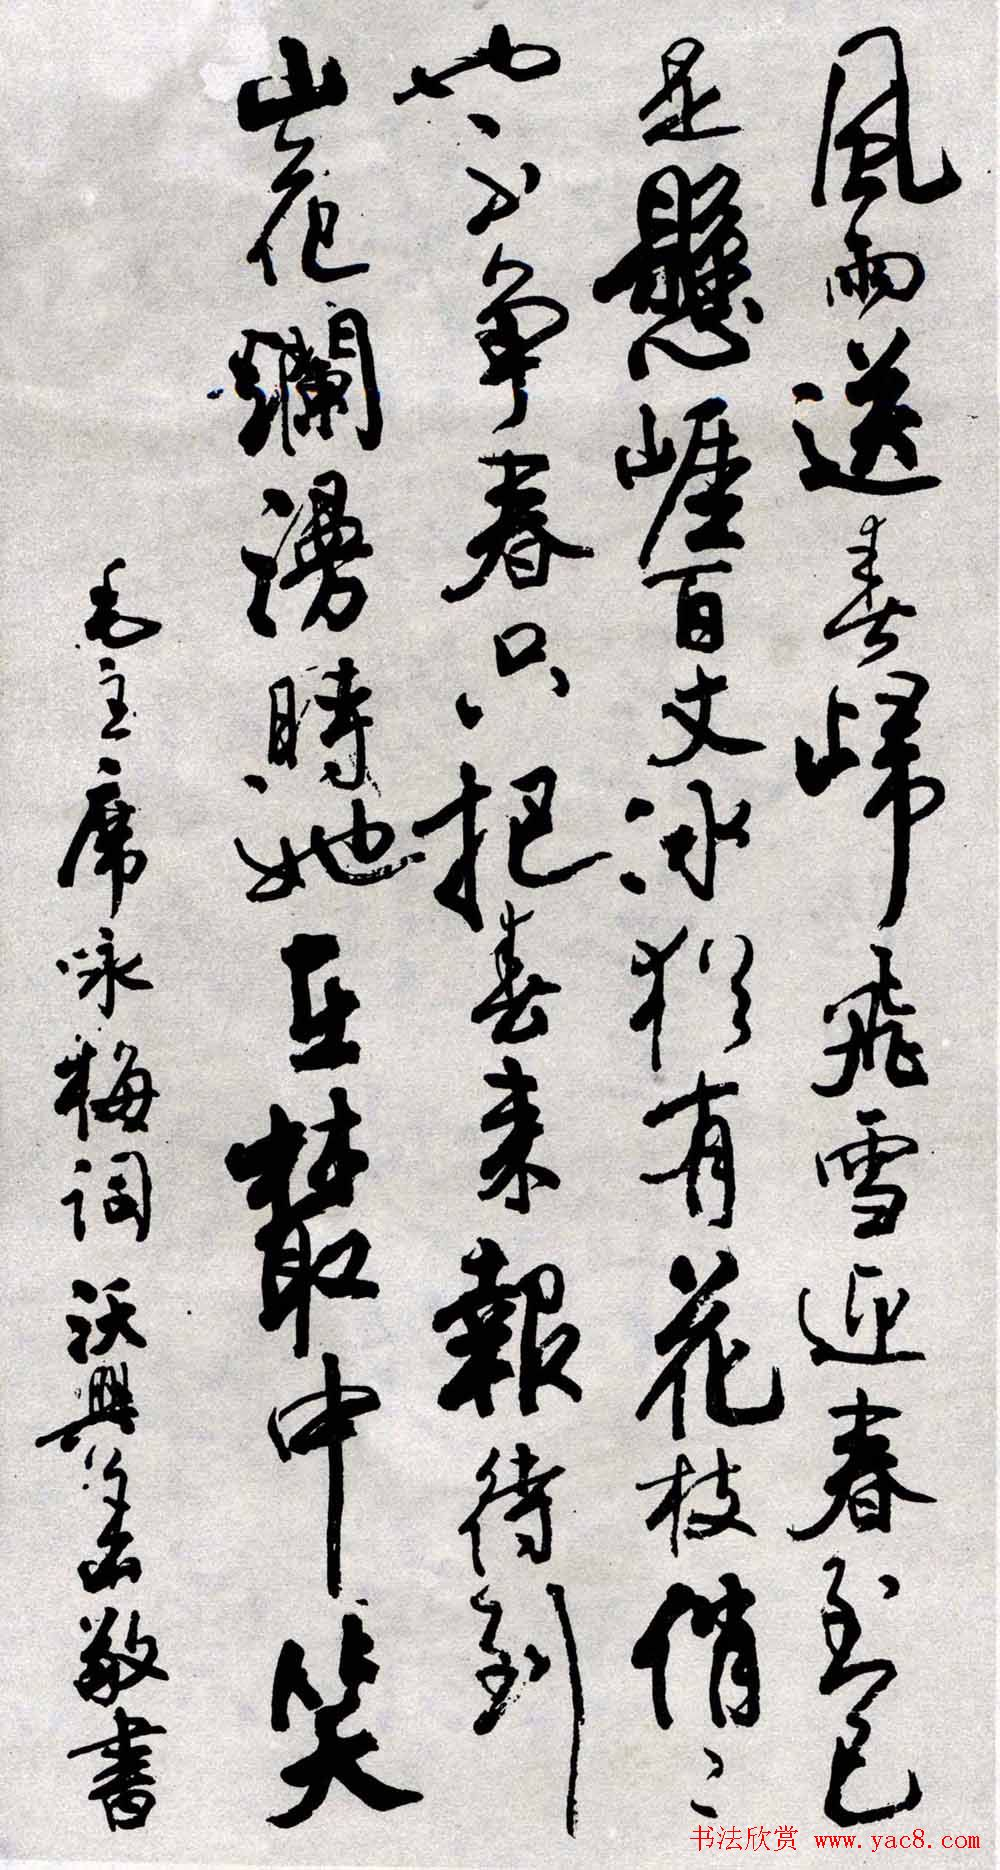 名家书法作品欣赏《毛主席诗词》第二辑(40)